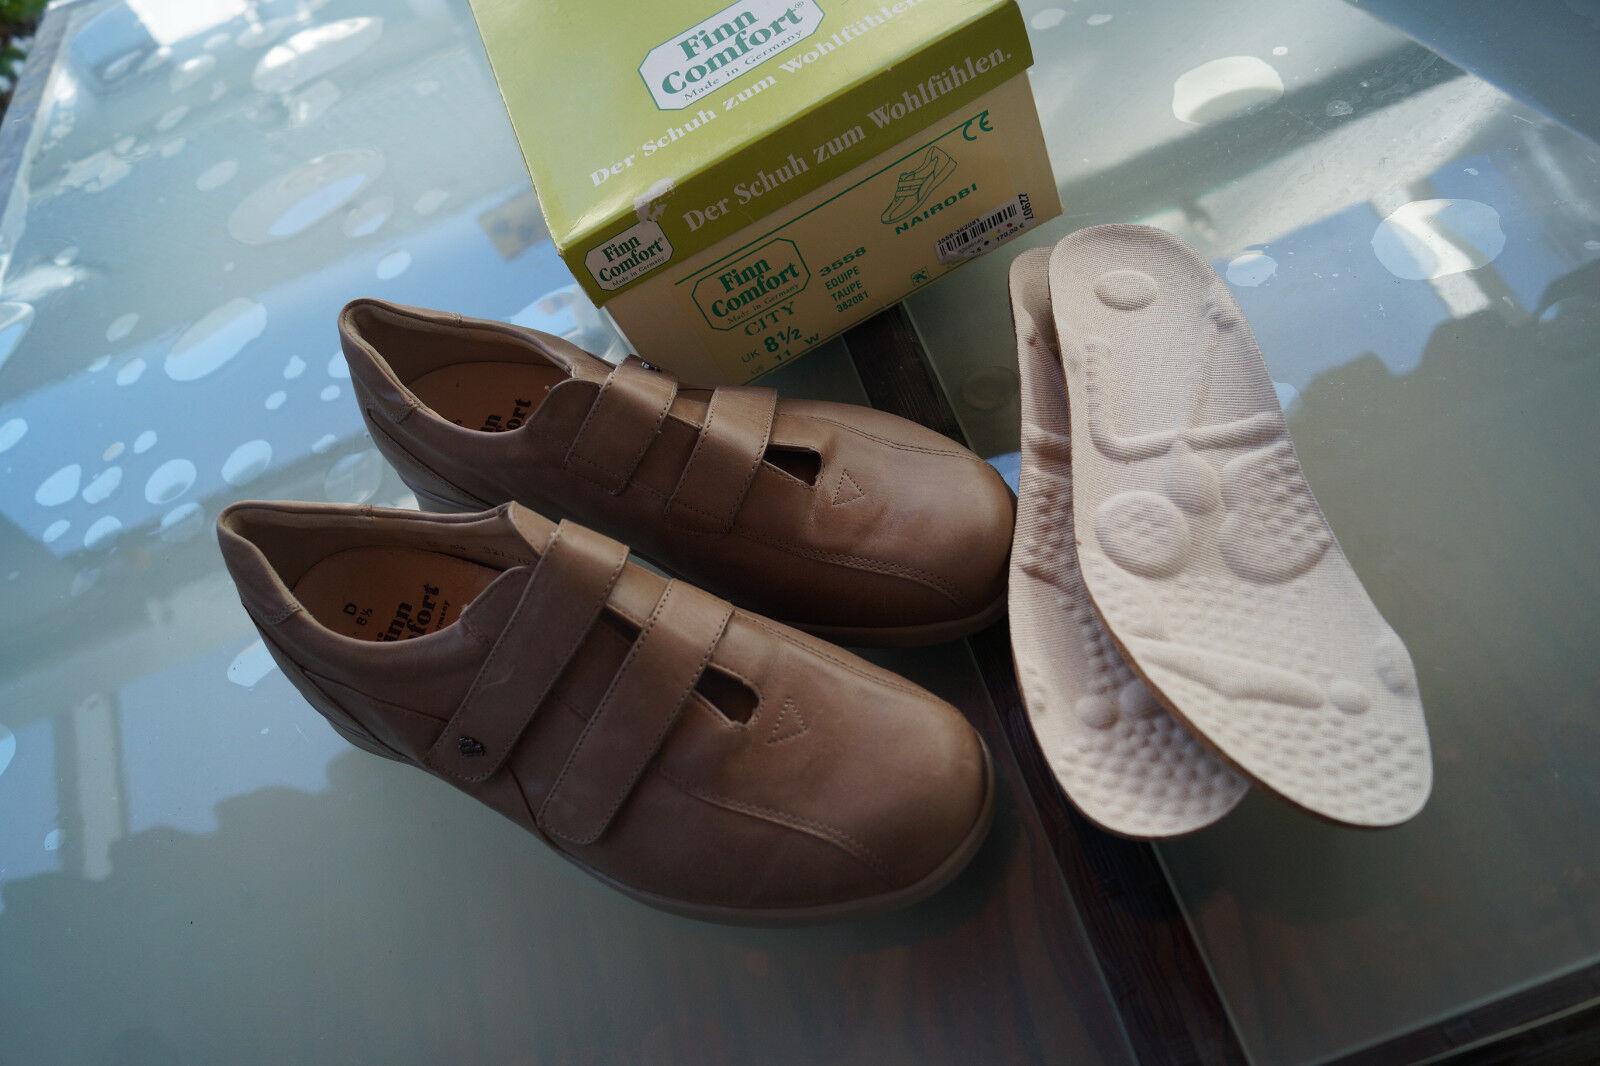 FINN COMFORT Nairobi Damen Schuhe Klett V m. 2 paar Einlagen Gr.8,5 D   42,5 NEU   | Roman